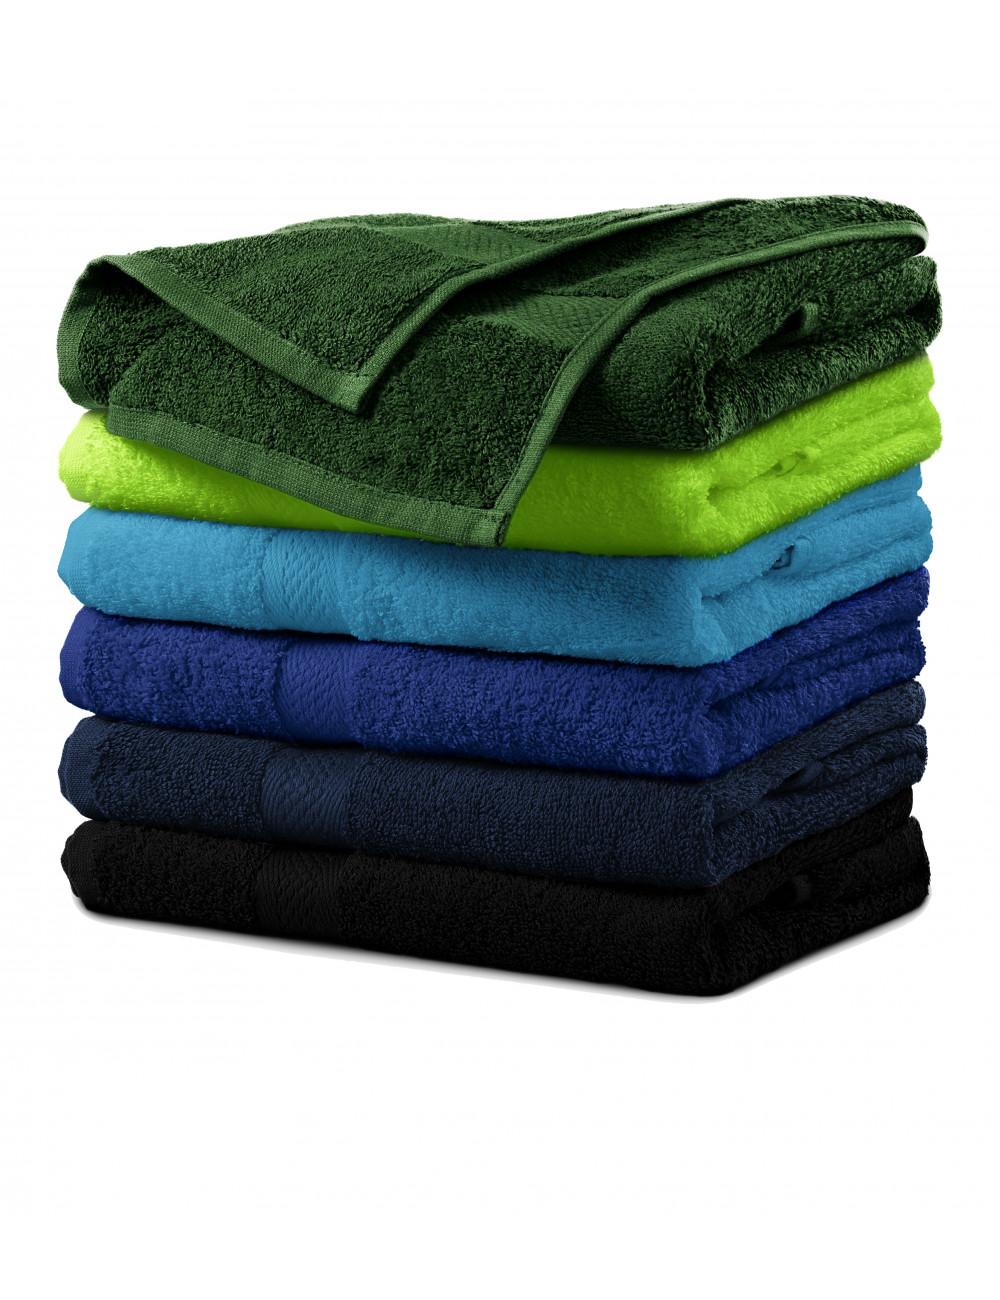 Adler MALFINI Ręcznik duży unisex Terry Bath Towel 905 zieleń butelkowa